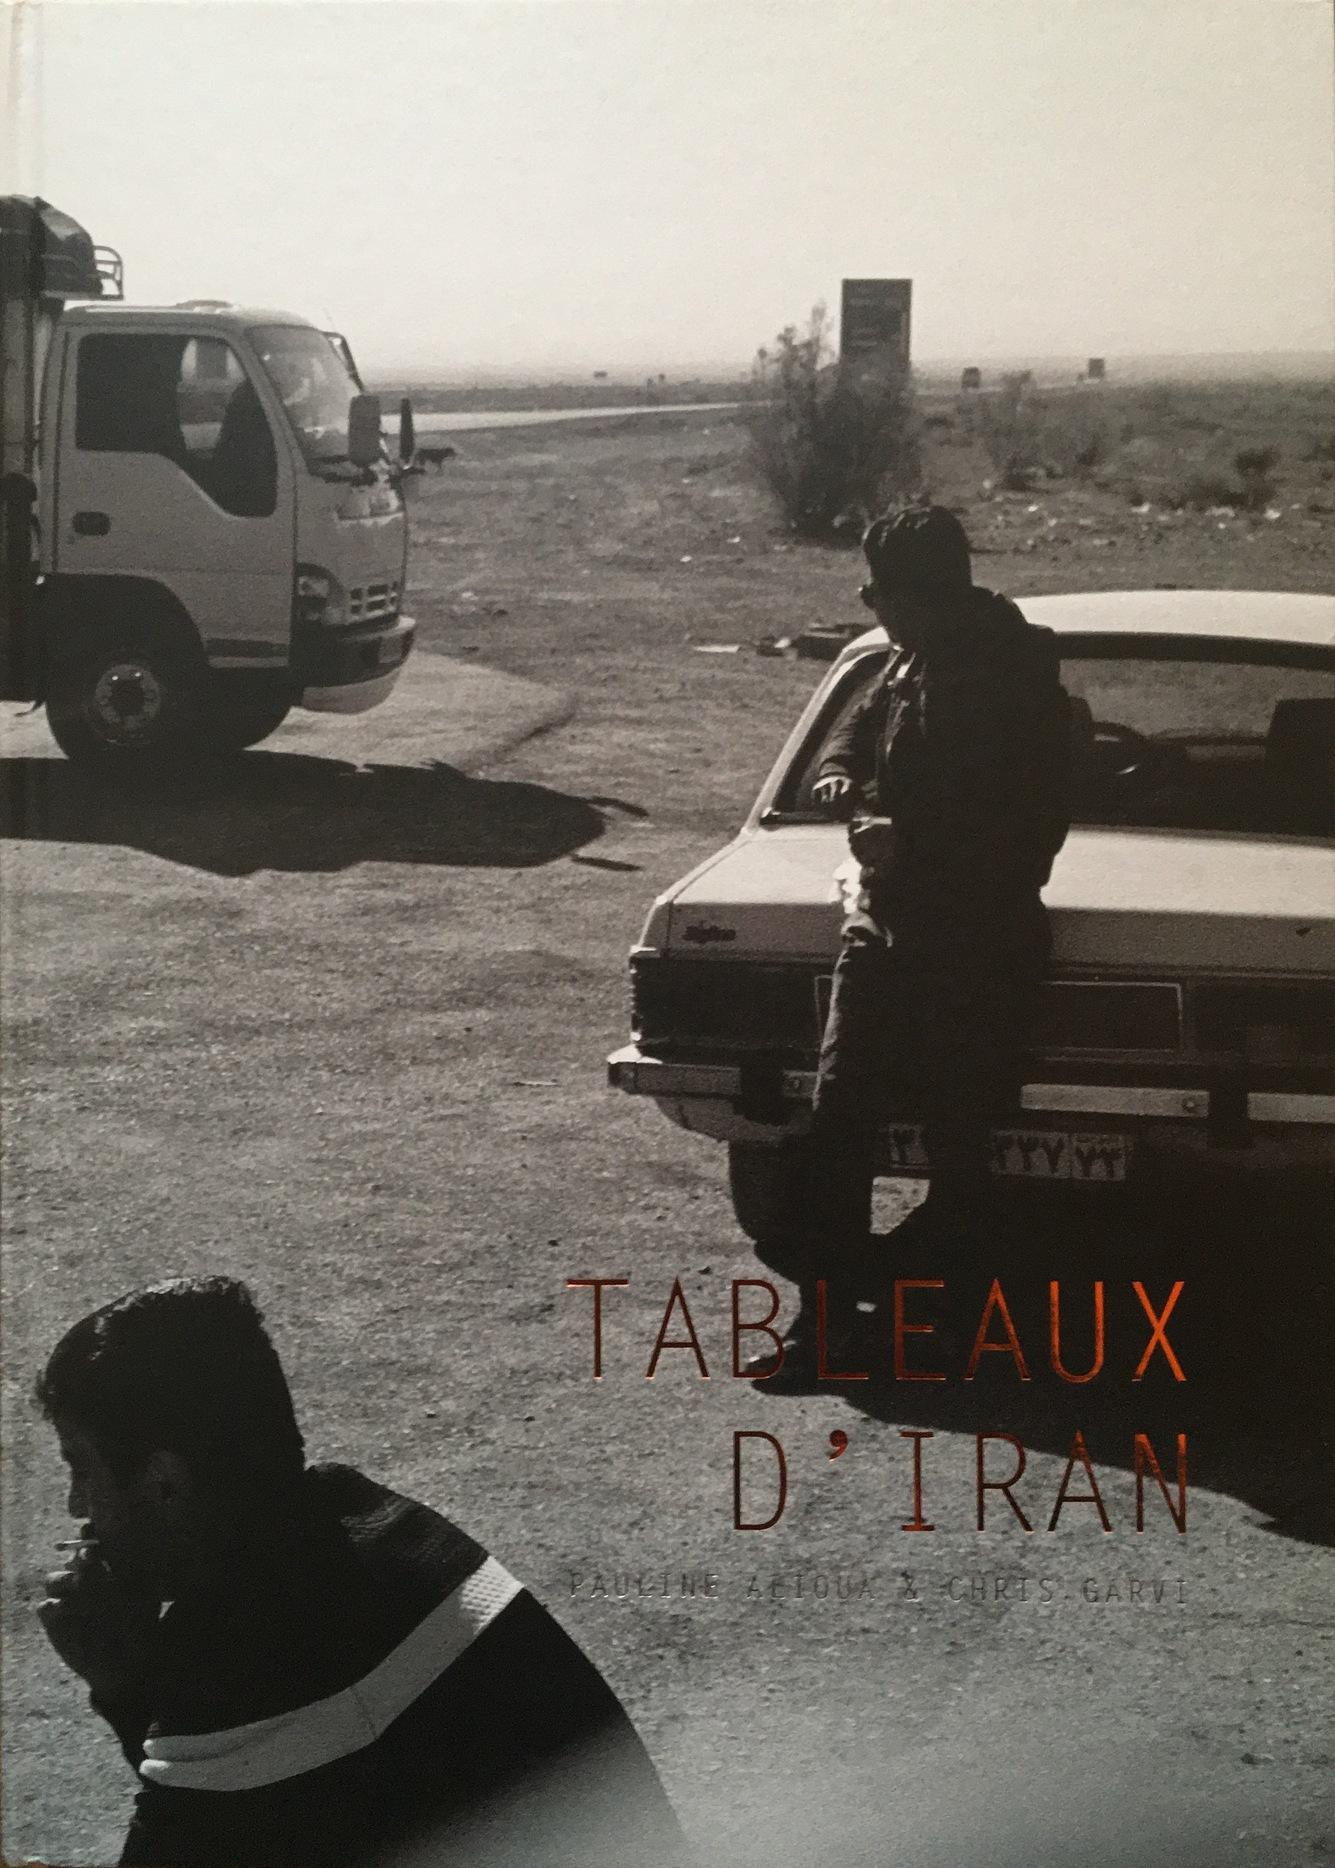 Couv Tab d'Iran BD copie